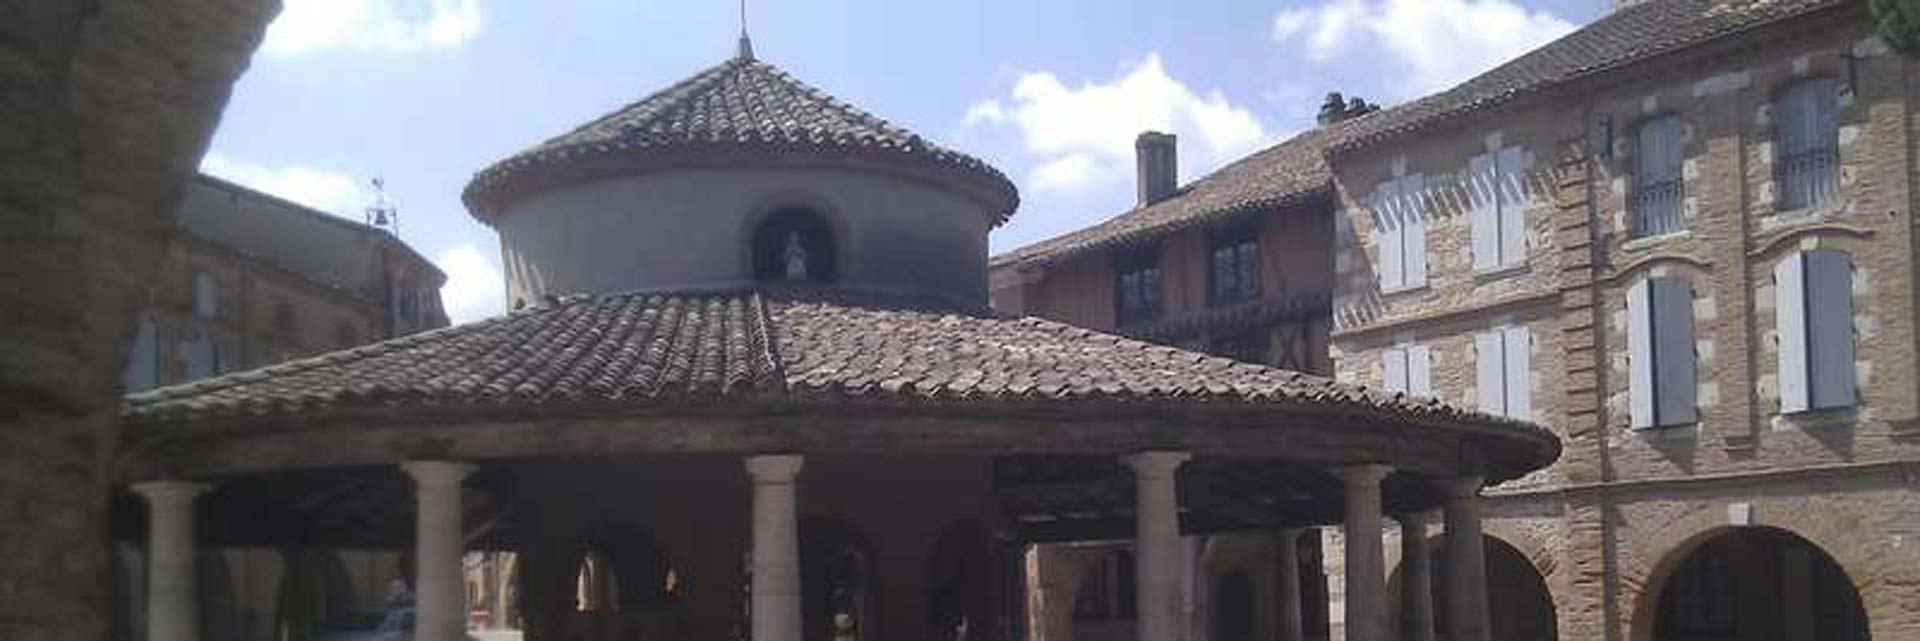 De ronde markthal in het dorp Auvillar in Frankrijk